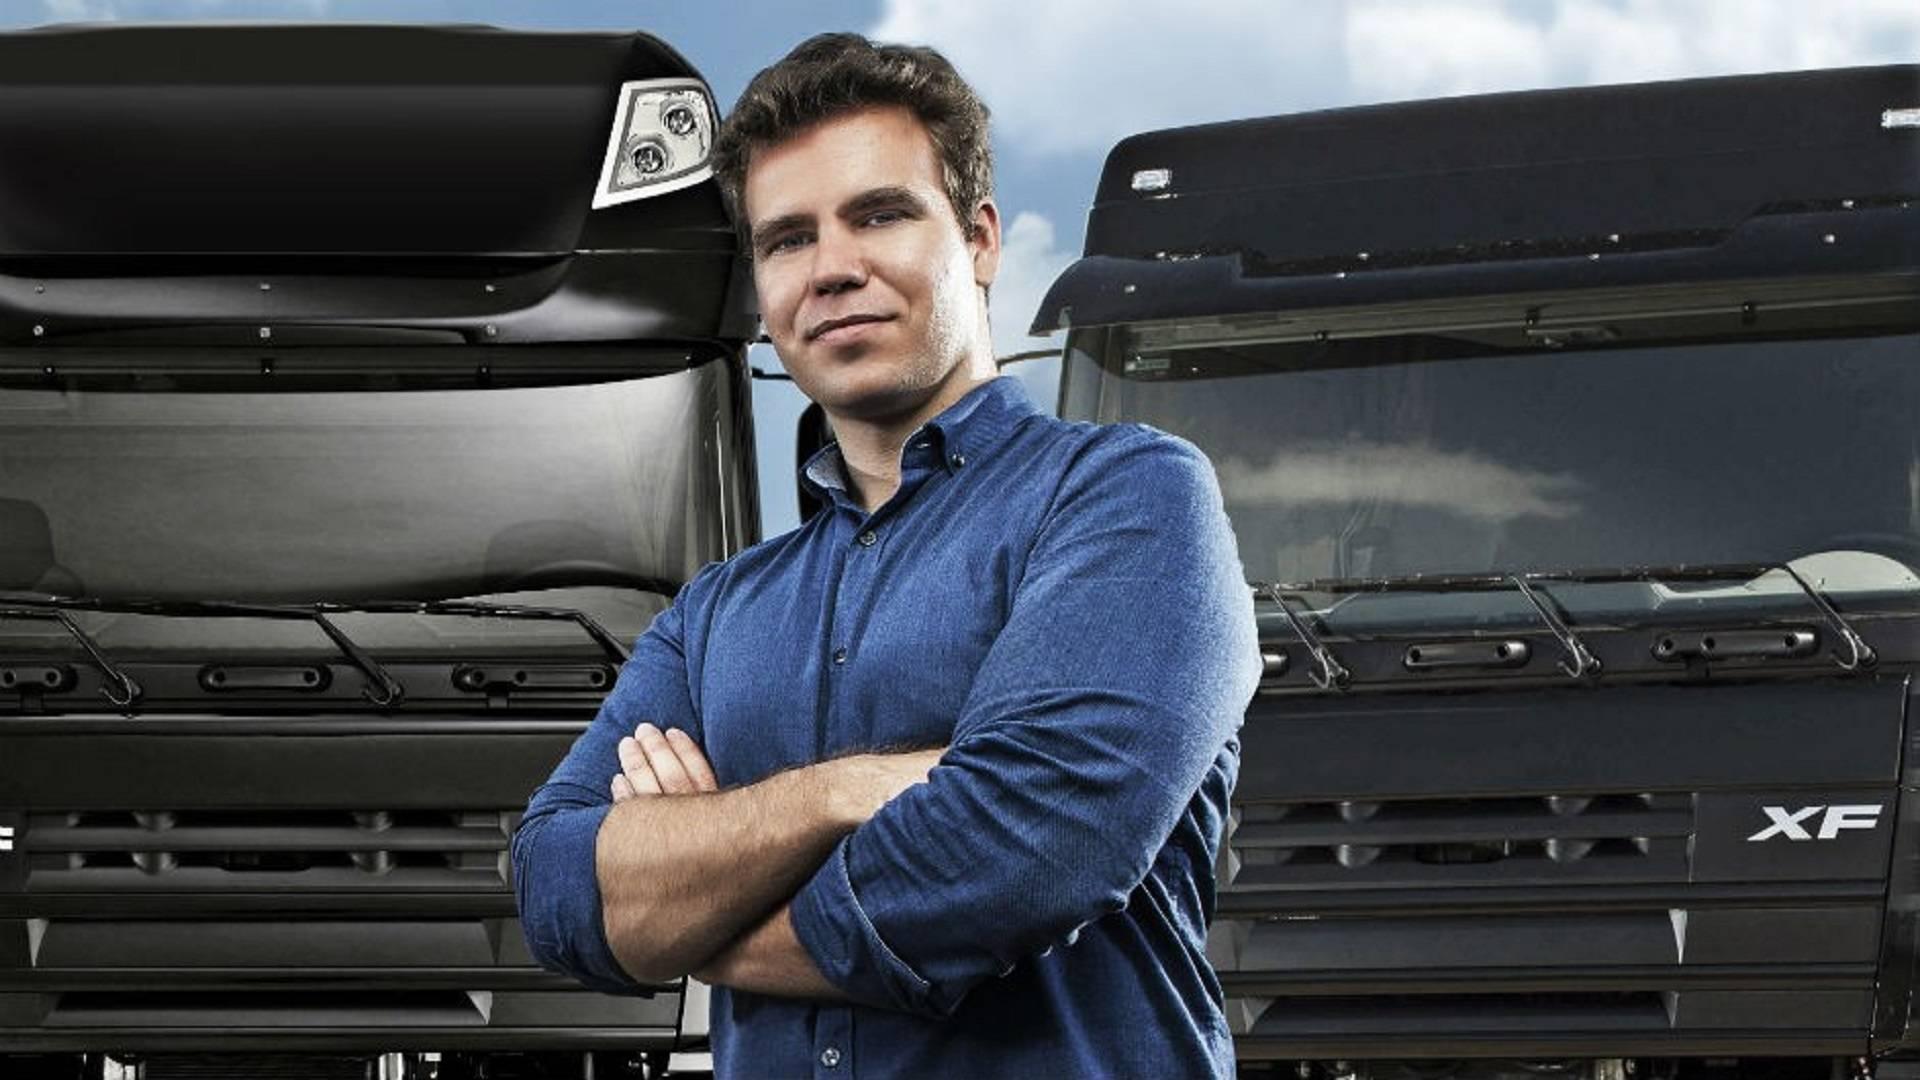 Na imagem, vemos o empreendedor Federico, da Cargo X